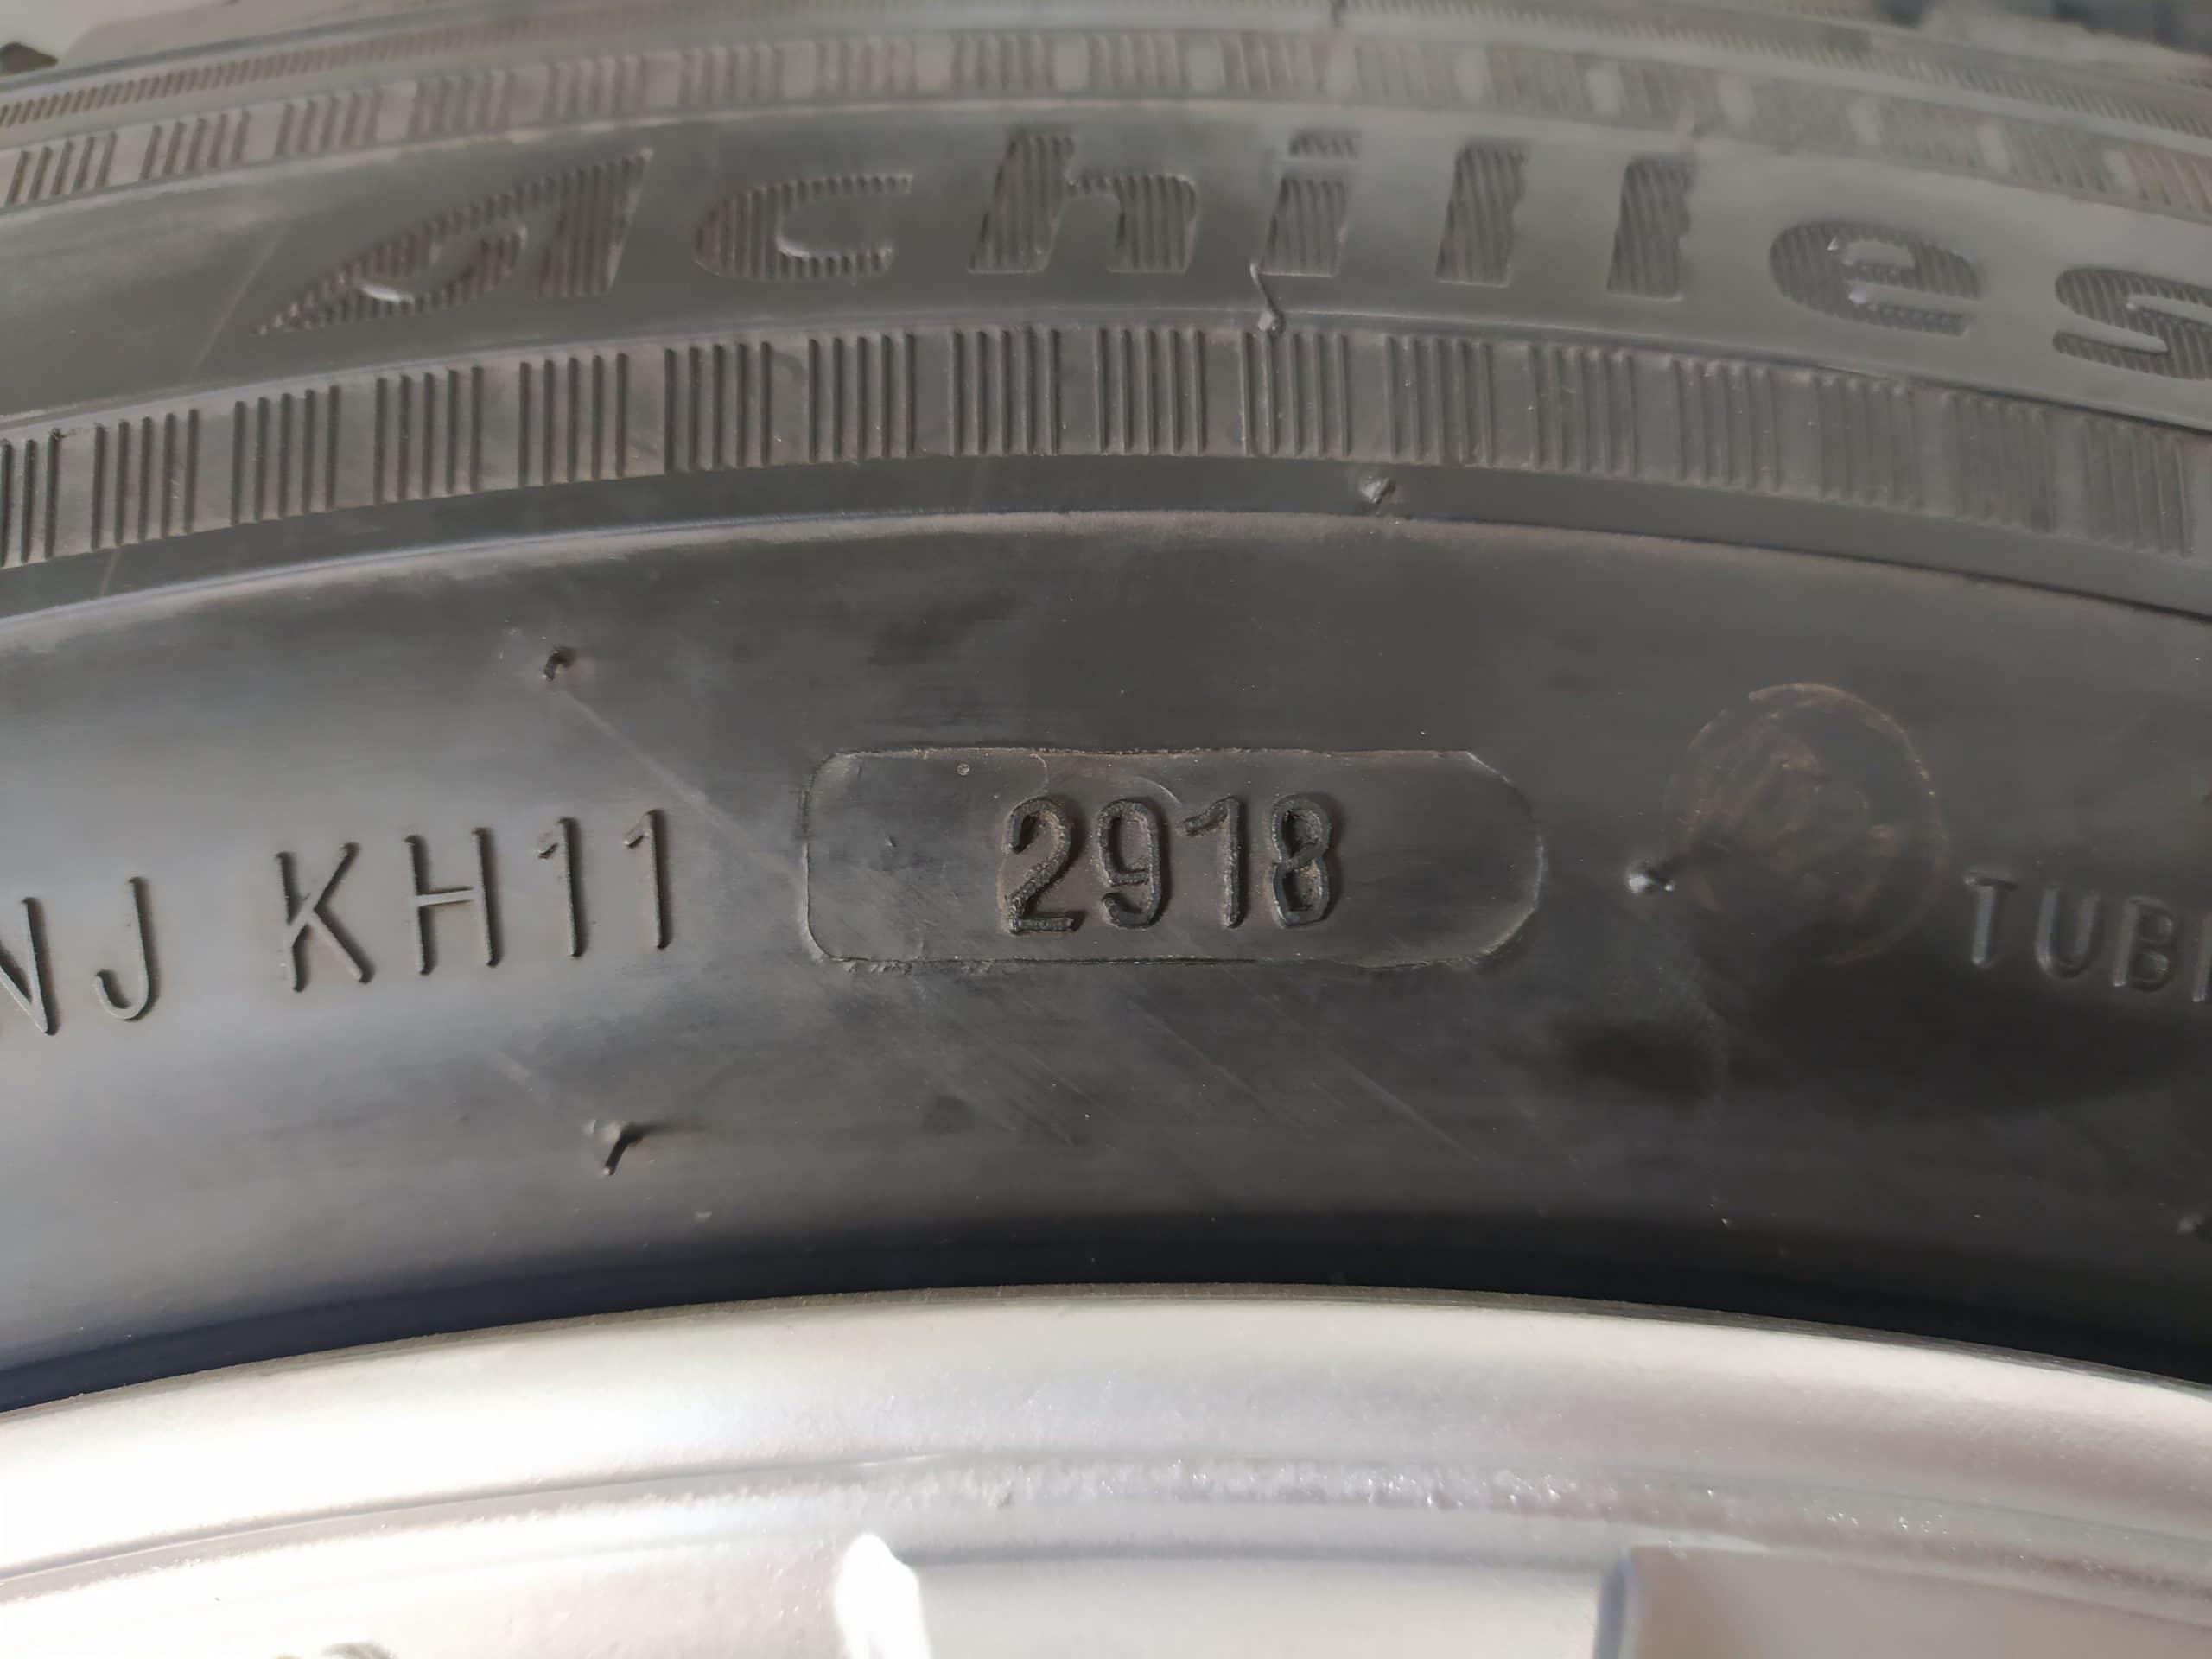 VELG BEKAS TYPE MILANO RING 18 + BAN ACHILLES 225/55/R18